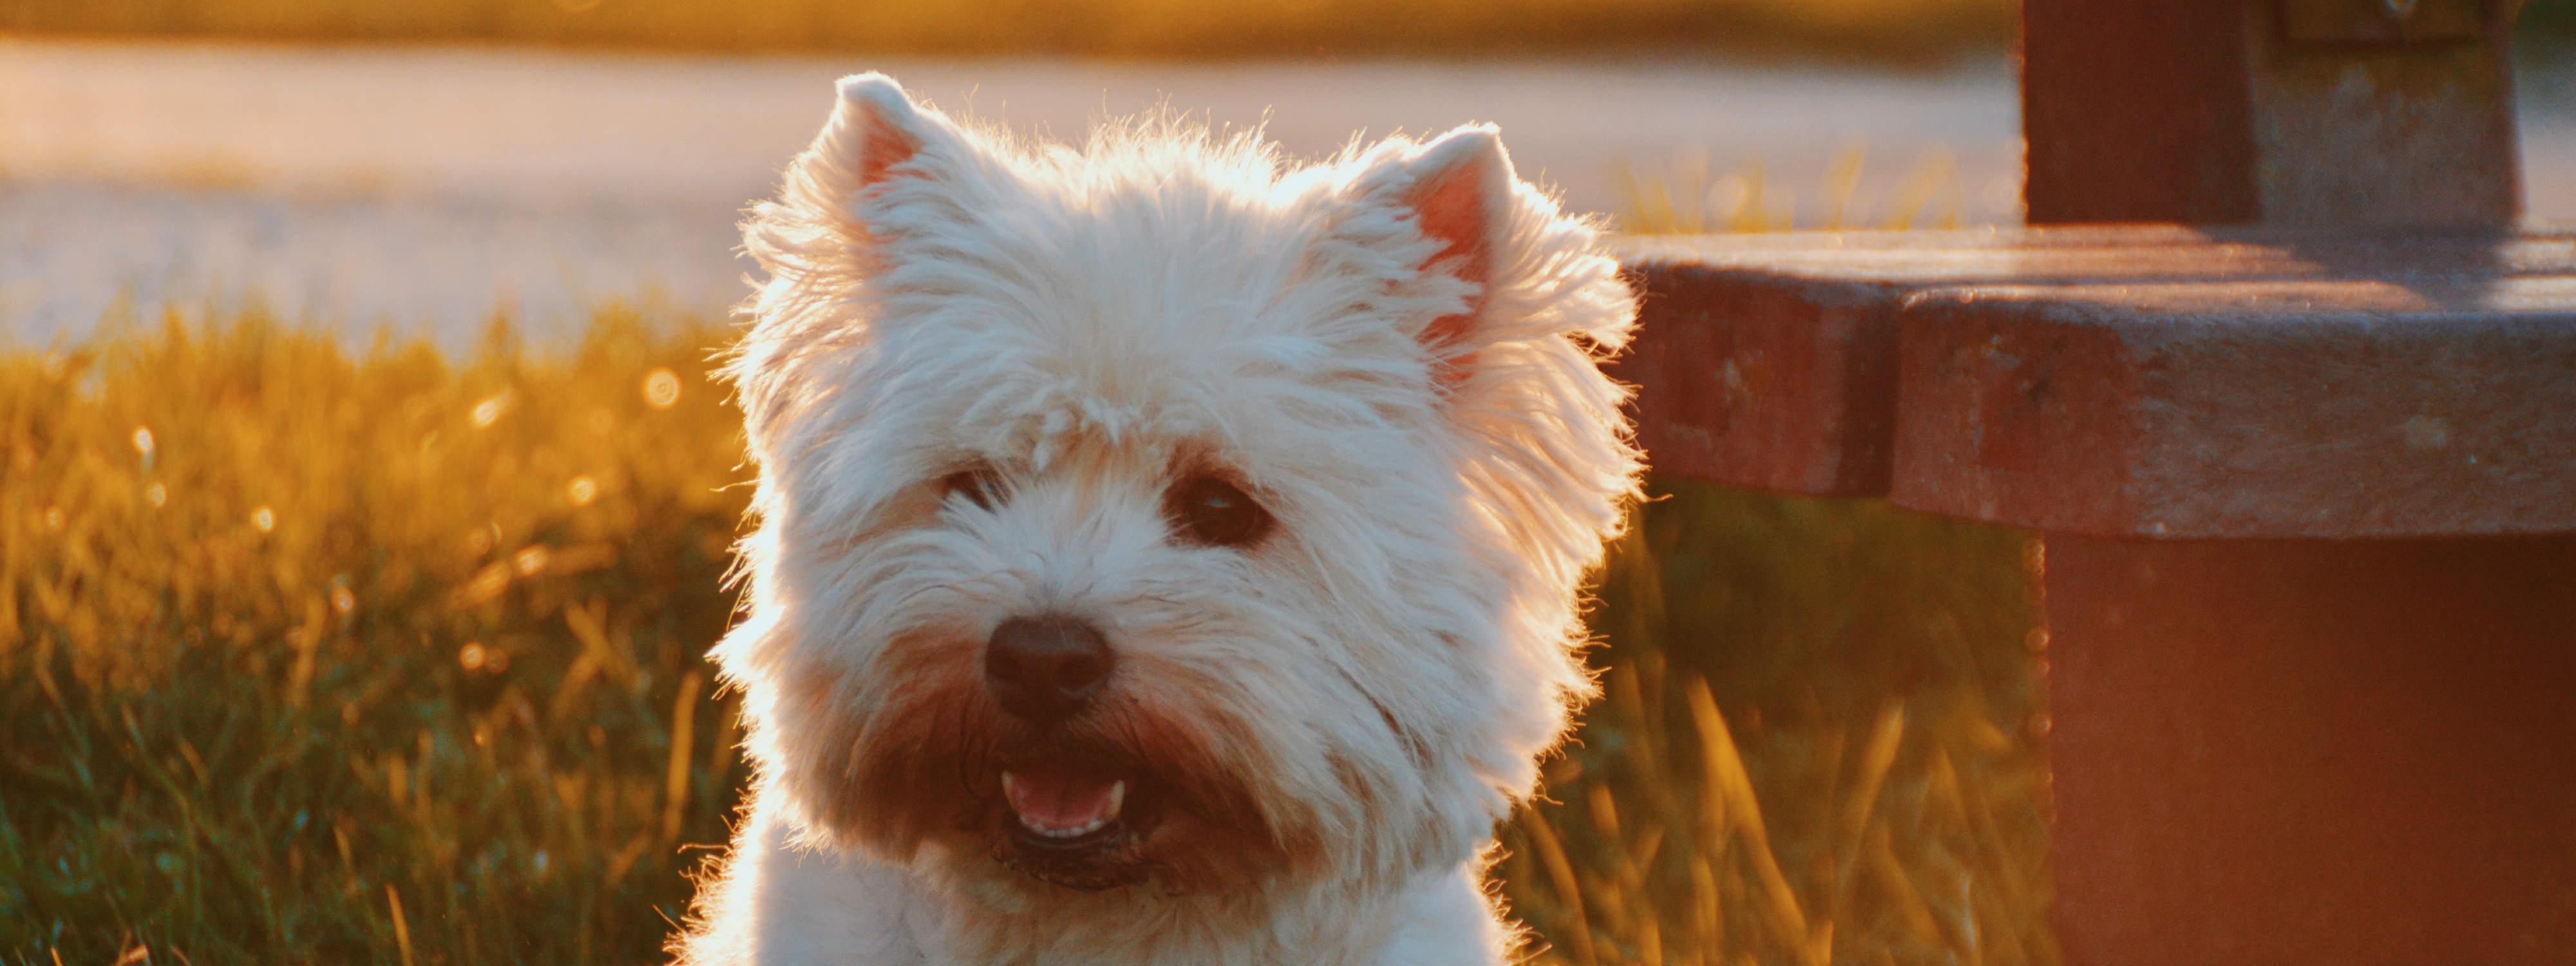 Die 7 besten Hunde-Versicherungen 2019: Ein Weisser Terrier schaut in die Ferne, im Hintergrund ein Sonnenuntergang